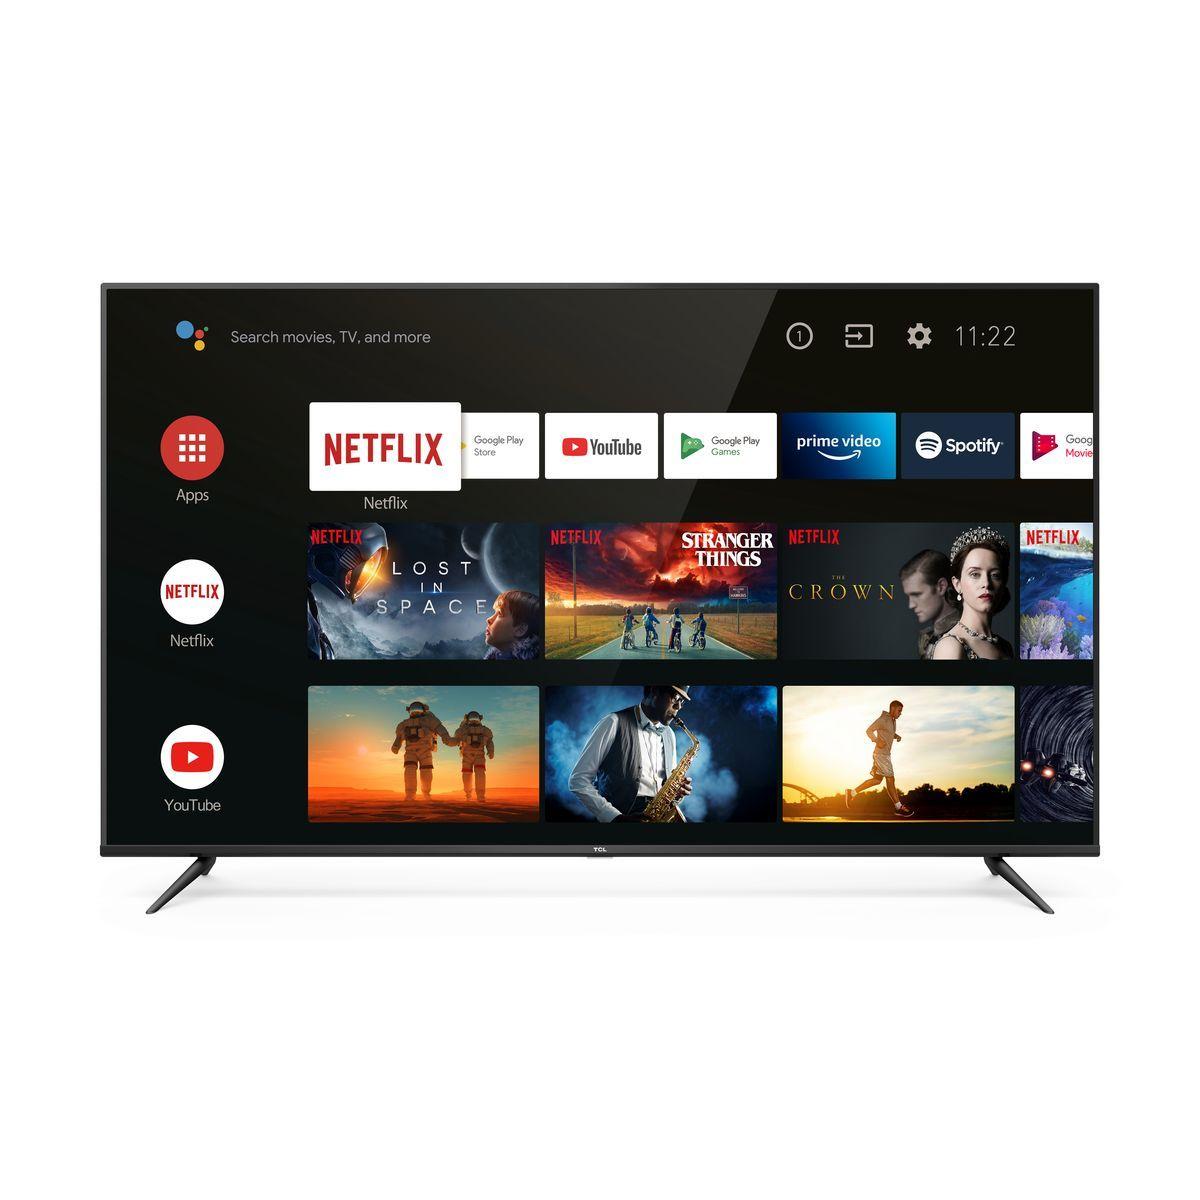 75P615 TV LED 4 UHD HDR 190.5 cm Smart TV